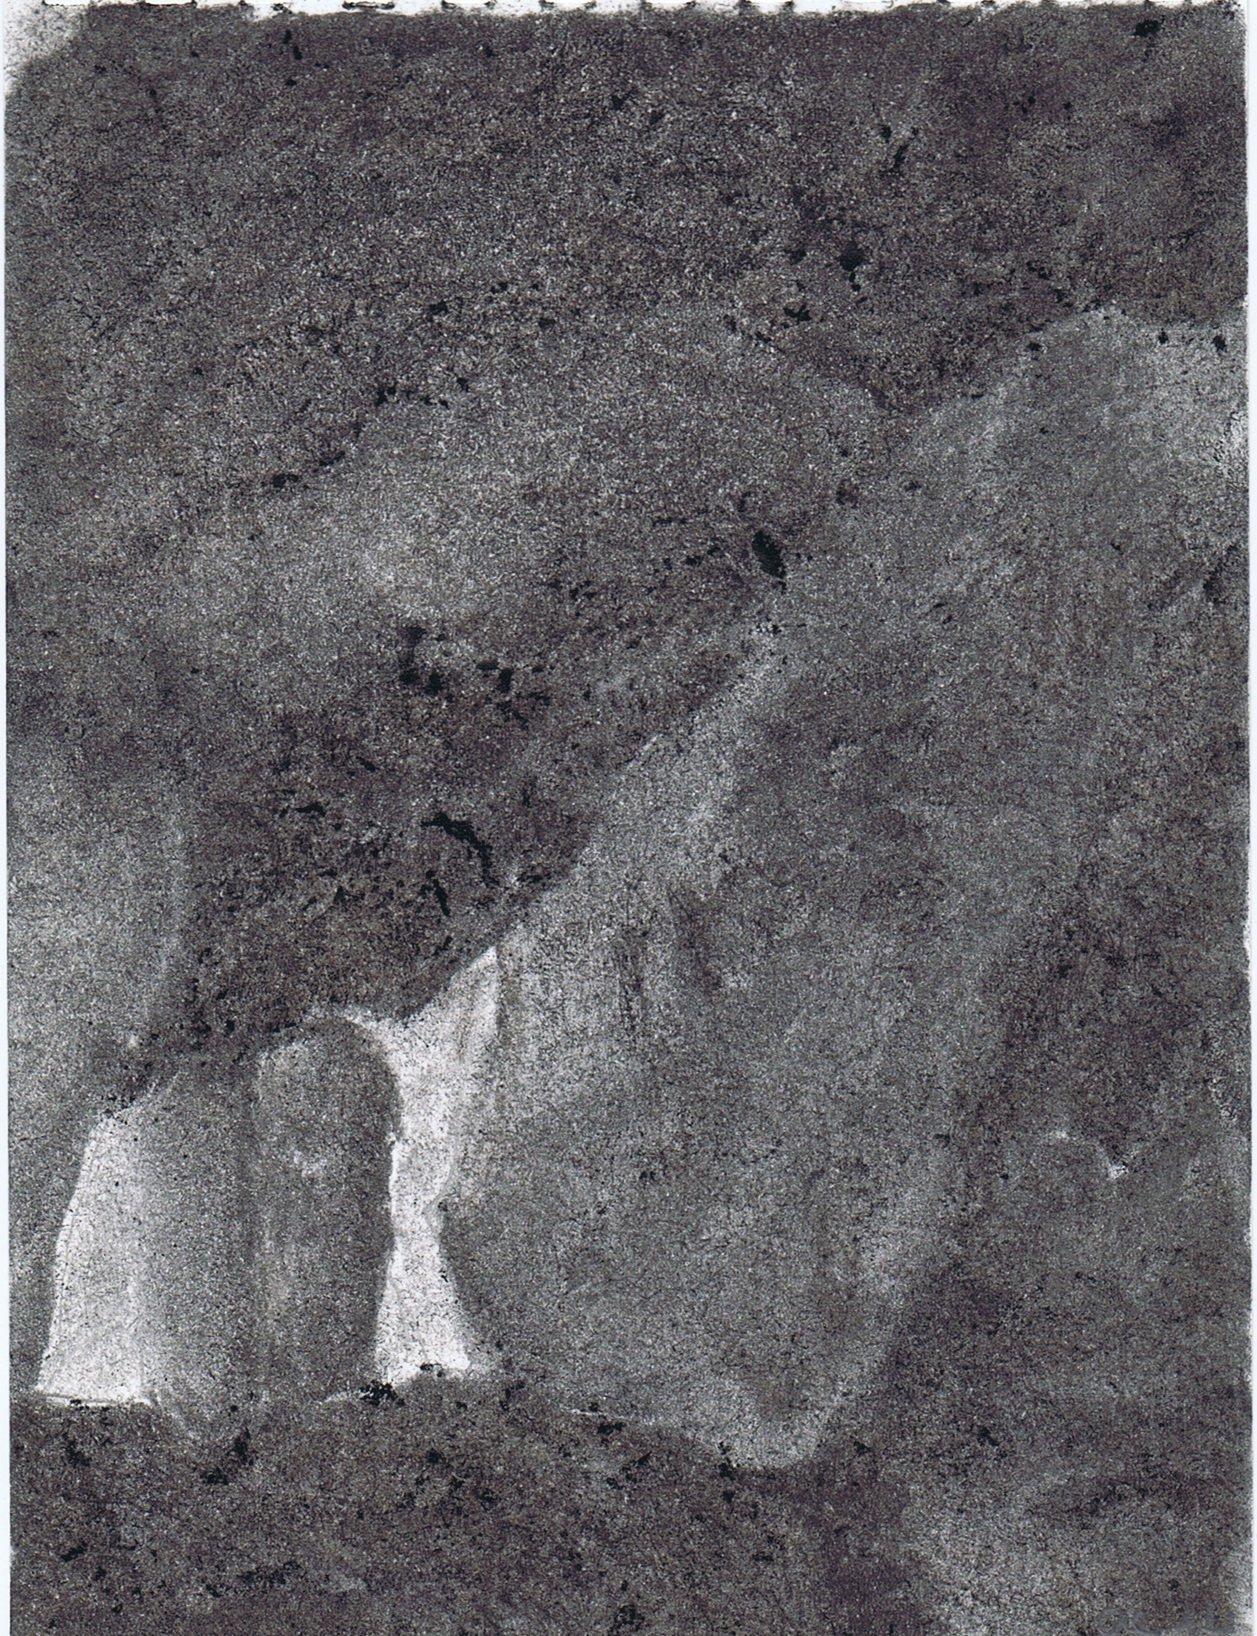 Mégalithe au clair de lune VIII